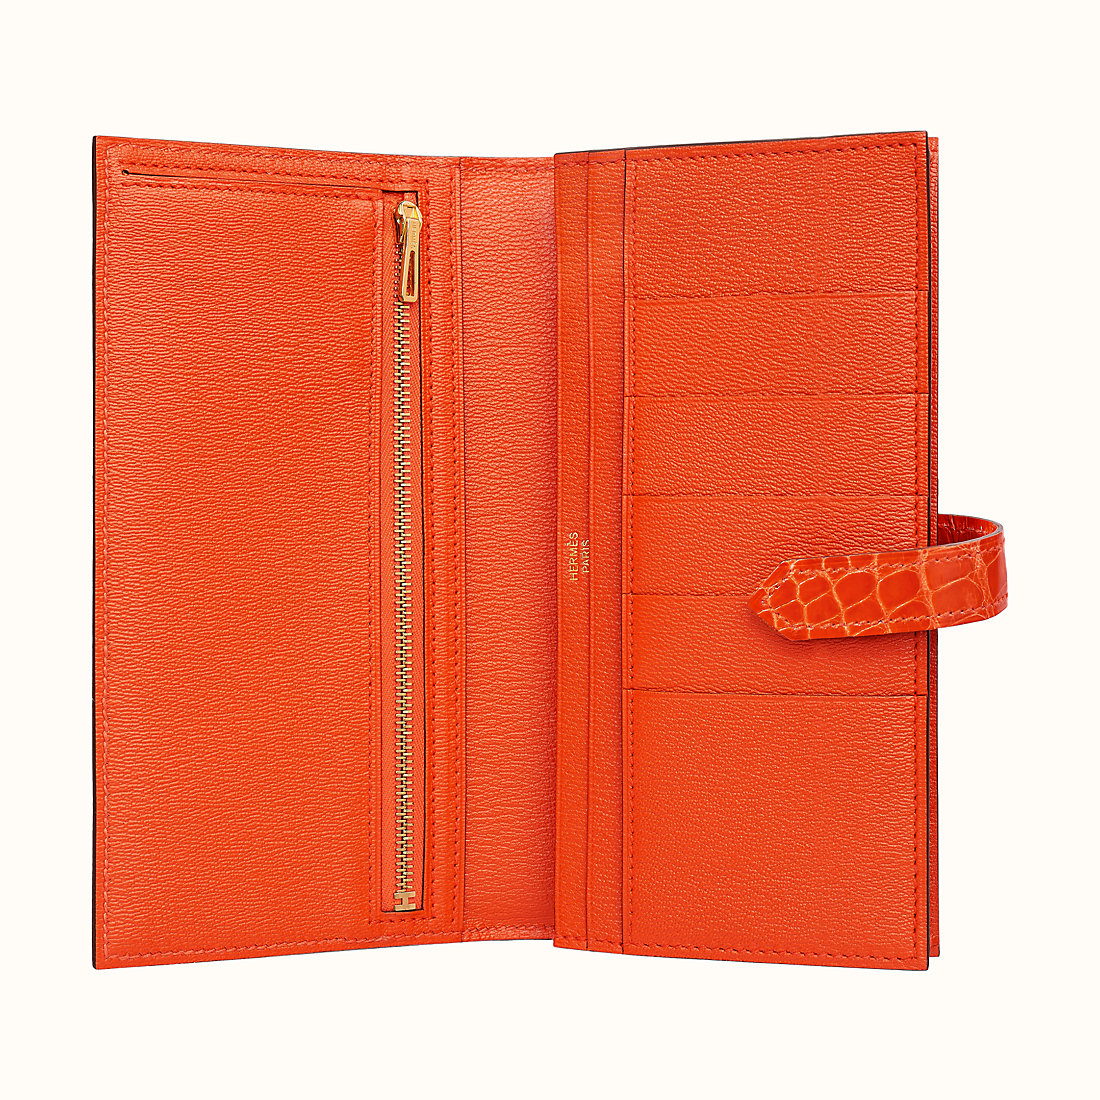 臺灣臺北市 愛馬仕長款錢包多少錢 Hermes Bearn wallet CC8V Orange Poppy